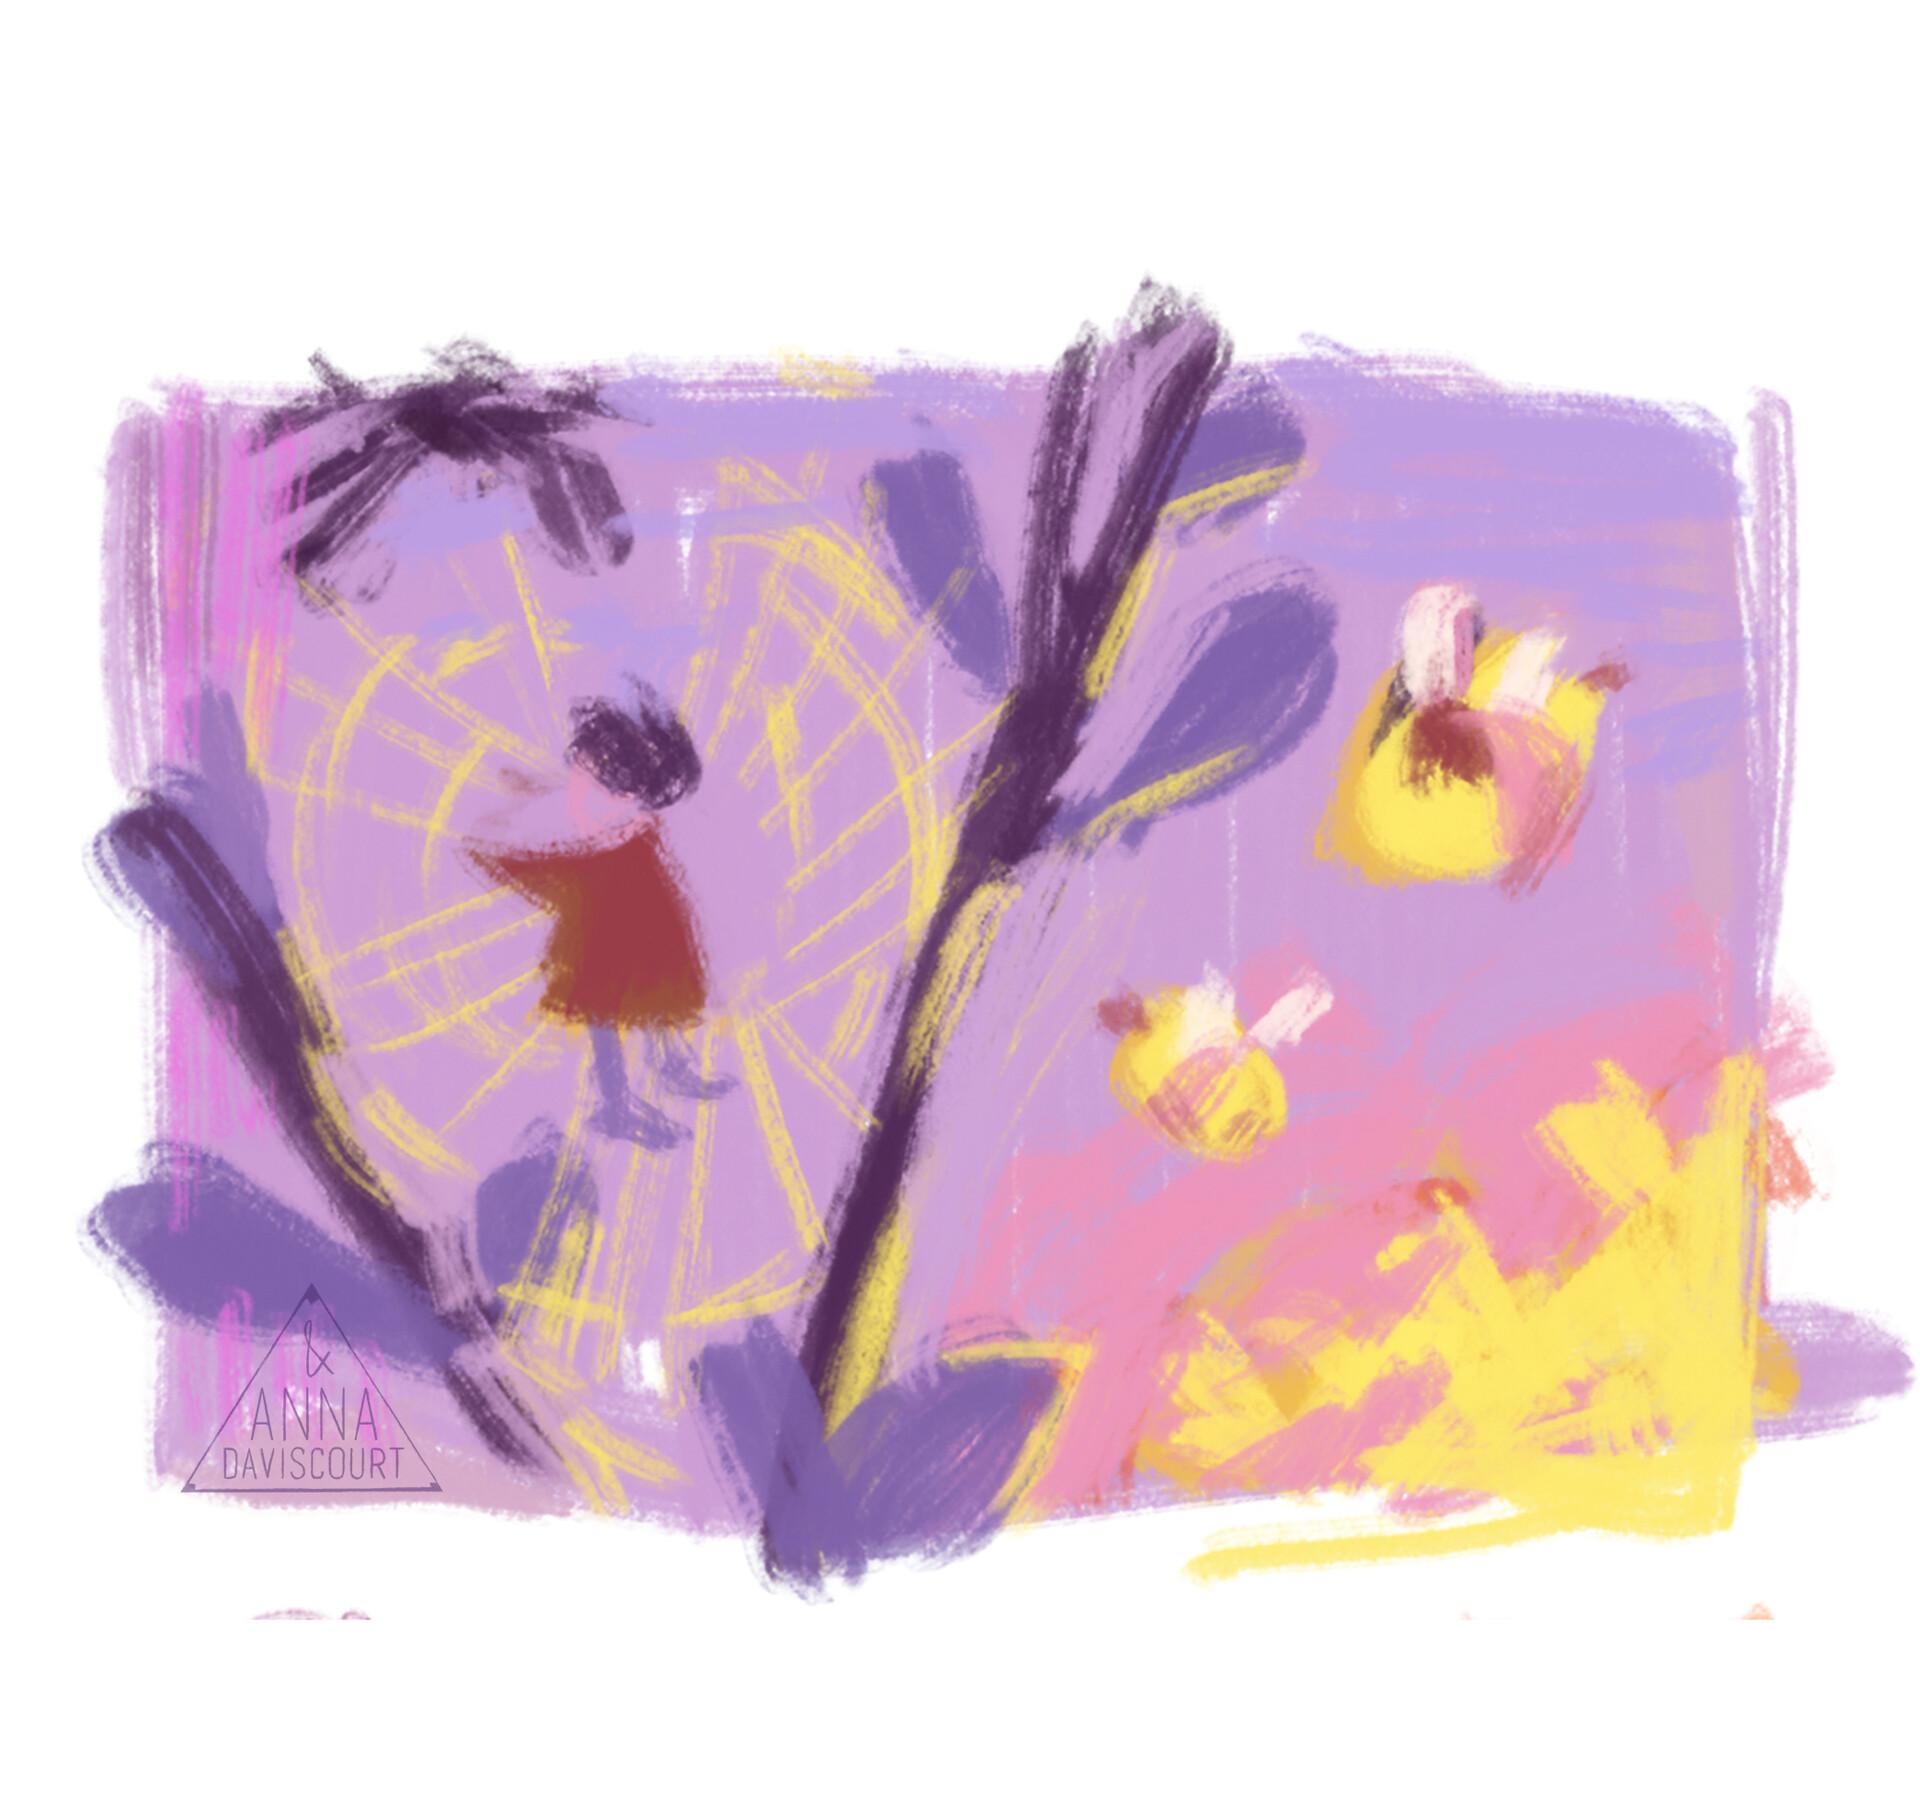 Anna daviscourt bees insta3